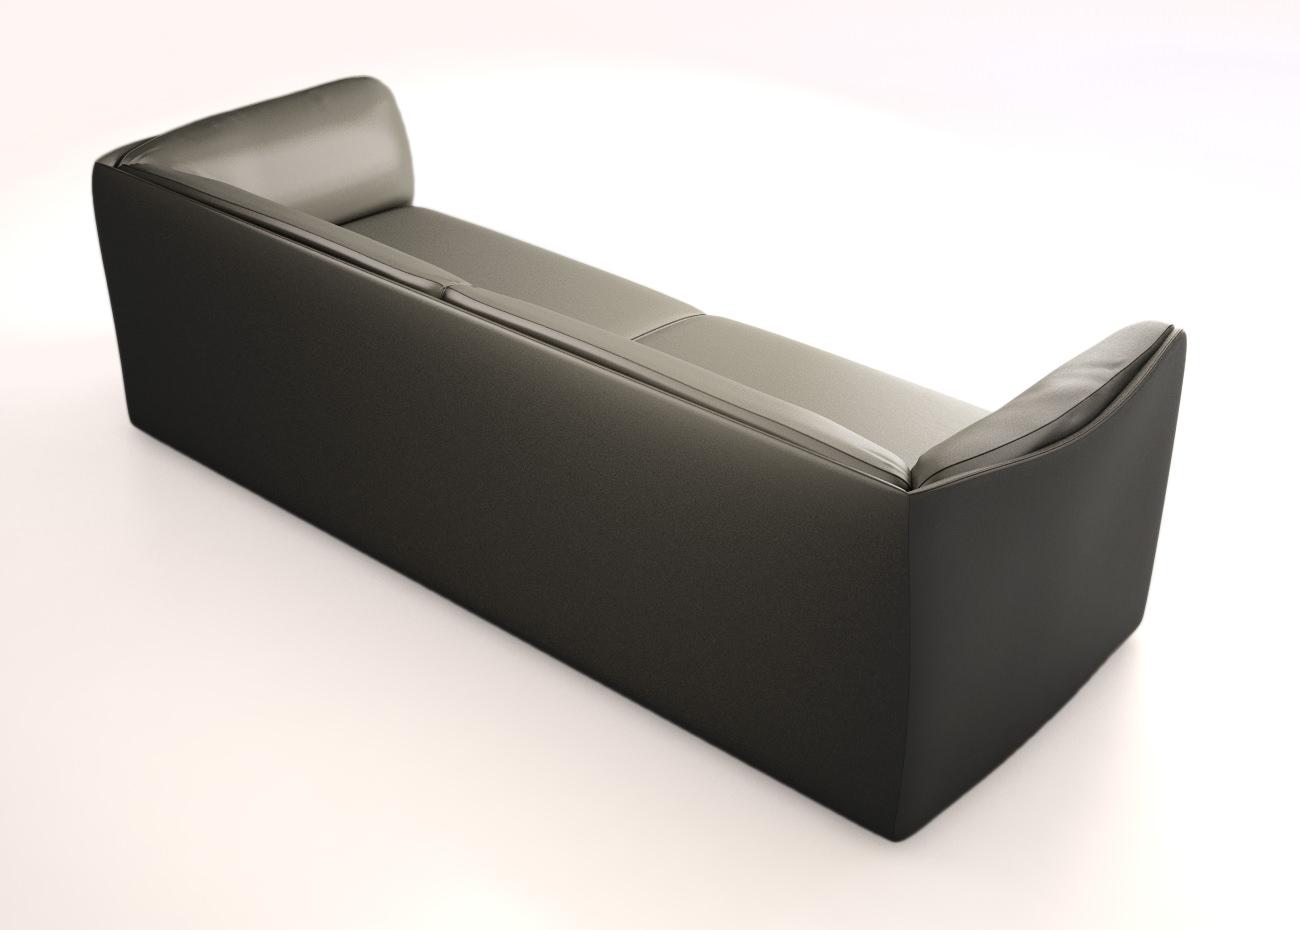 Lema Ocean Drive Couch 3d Model Max Obj Cgtrader Com